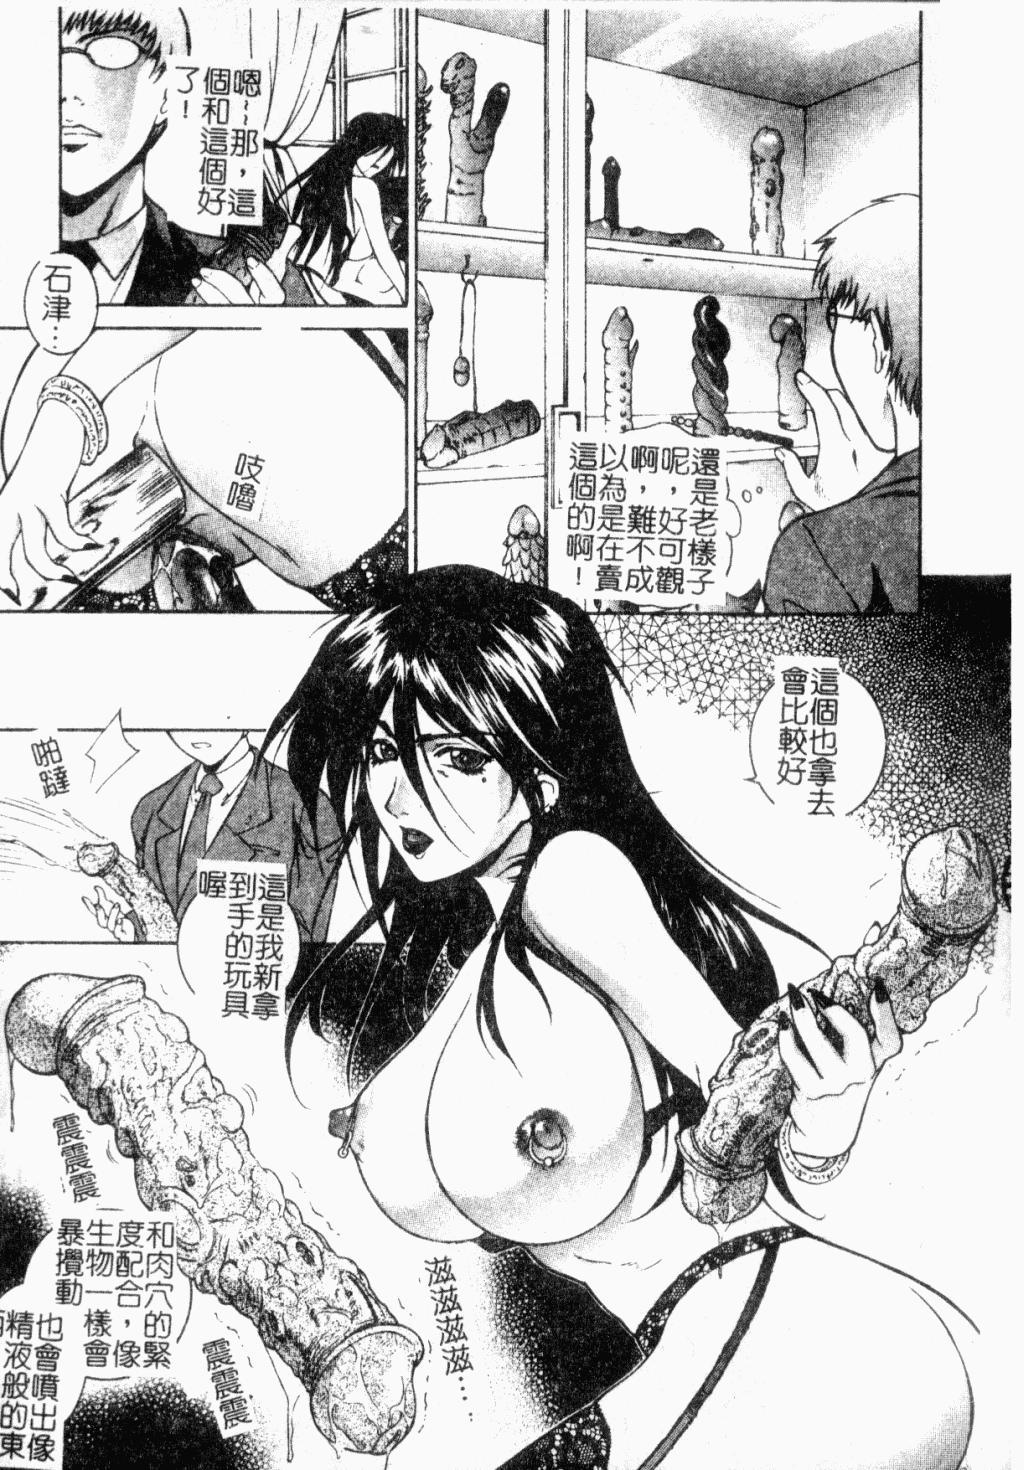 Choukyou Gakuen 2 Genteiban 44